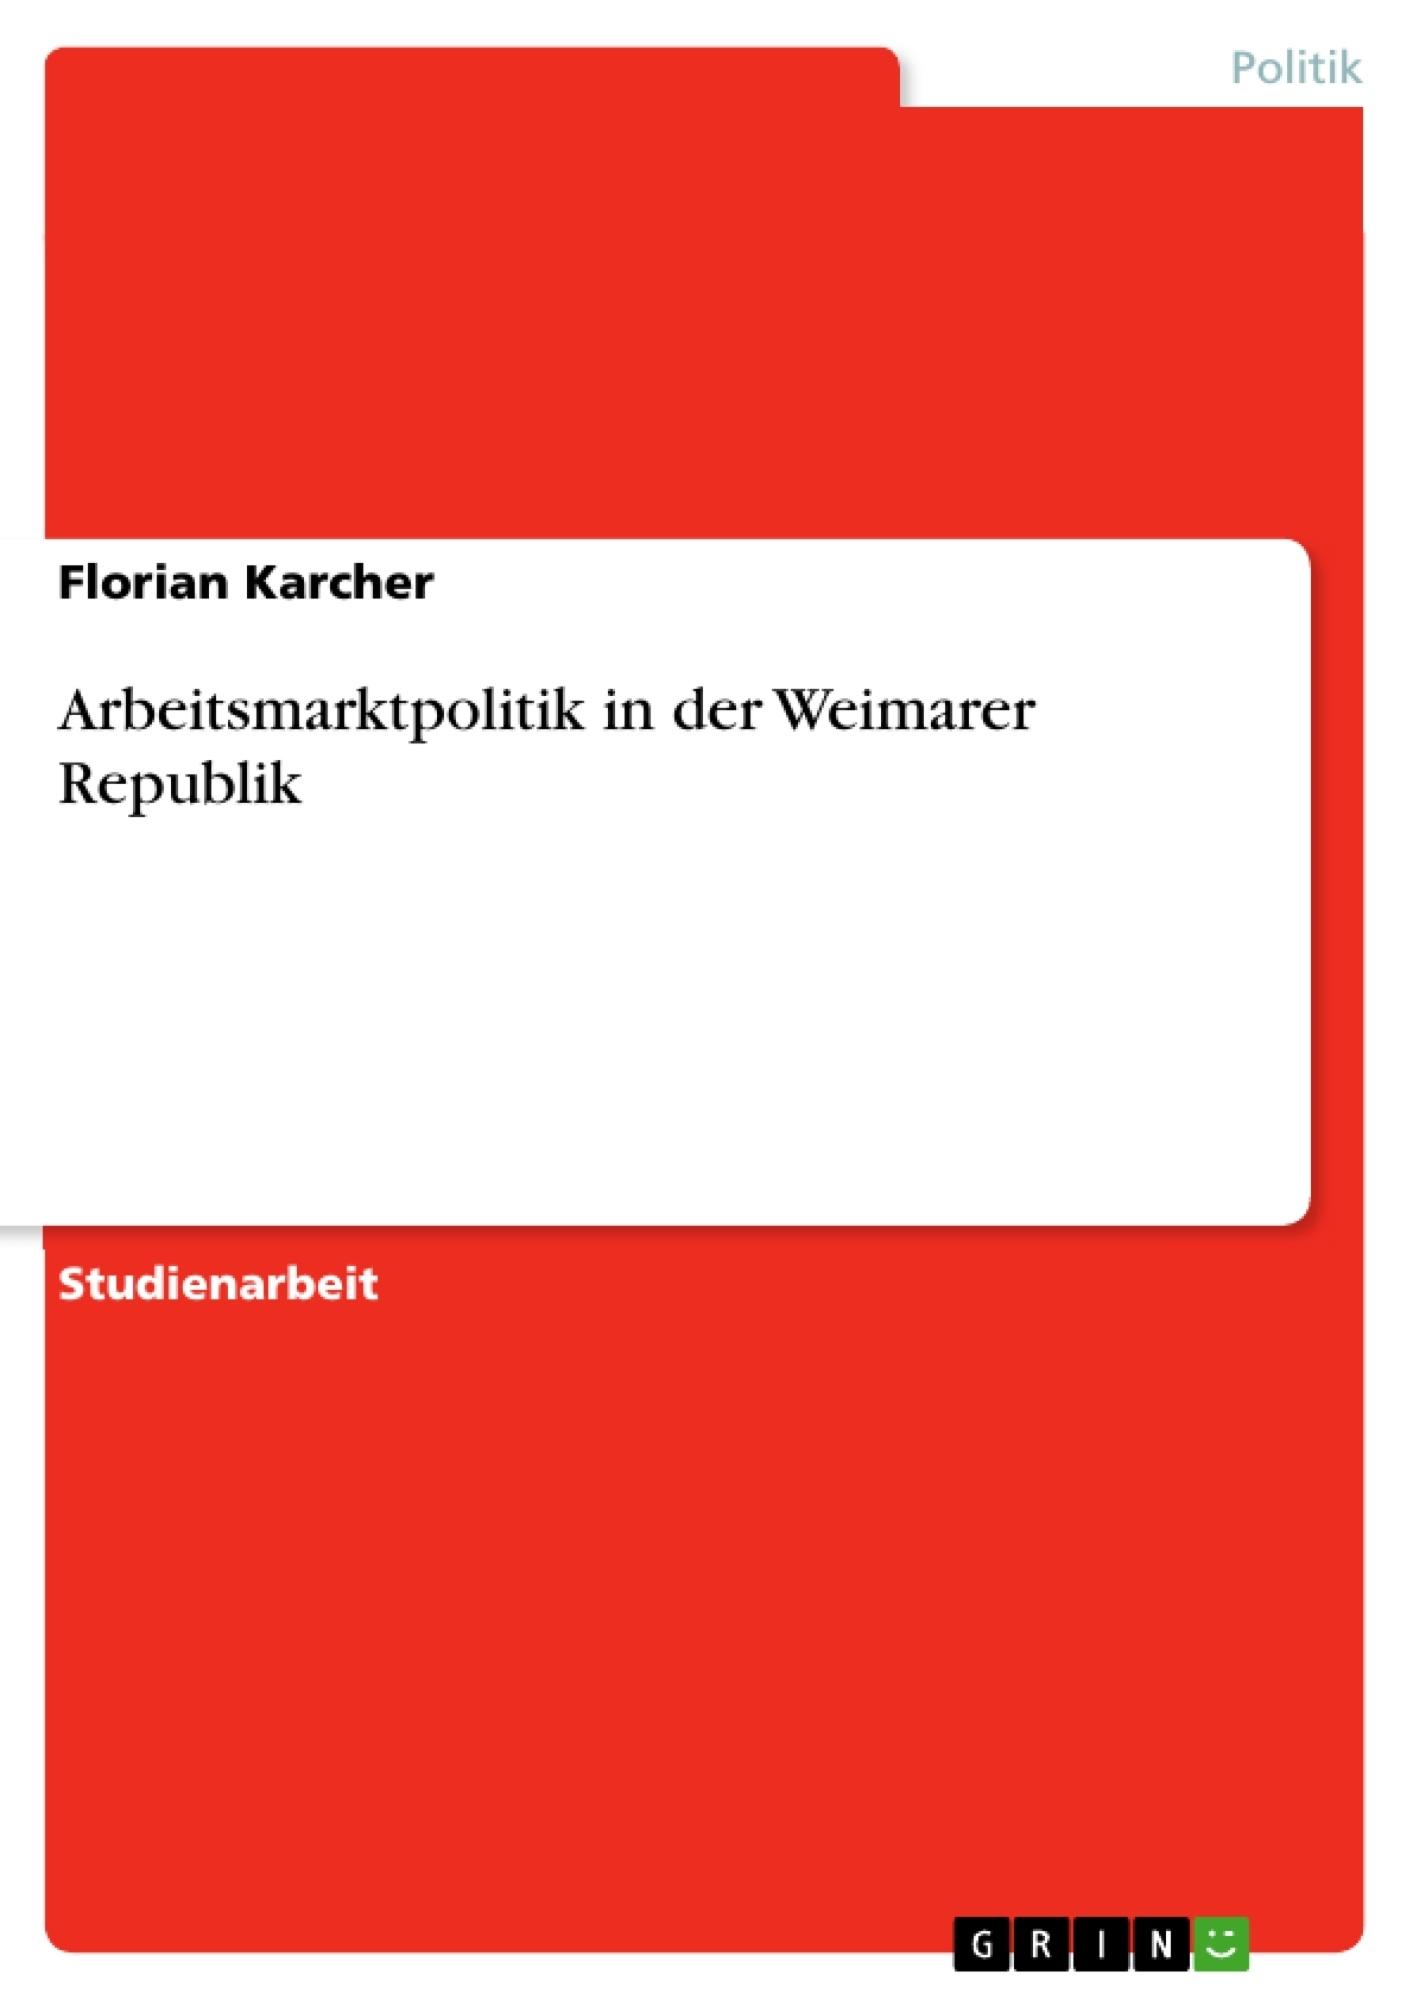 Titel: Arbeitsmarktpolitik in der Weimarer Republik